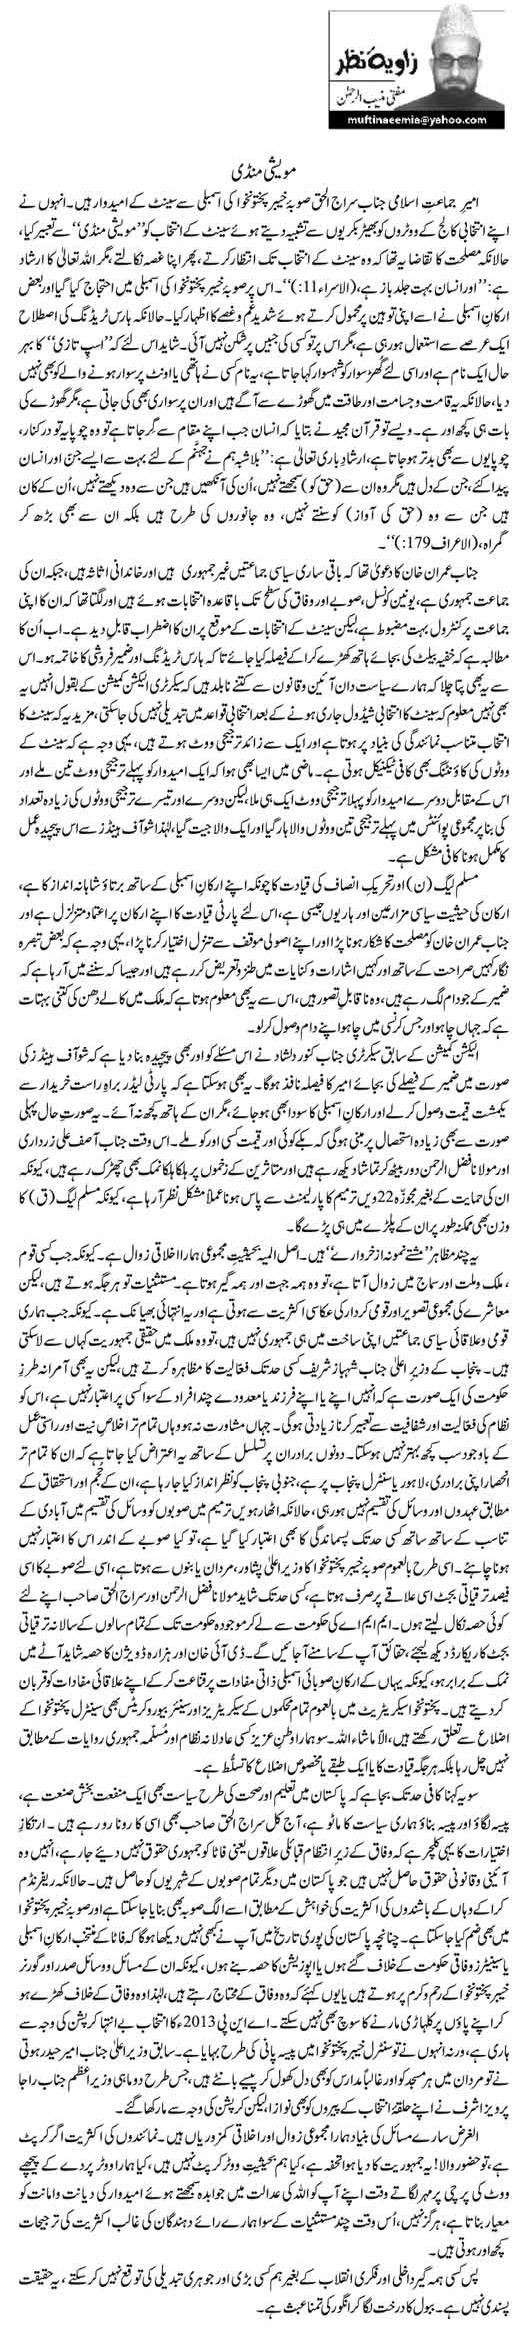 Maweshi Mandi By Mufti Muneeb - Pakfunny.com